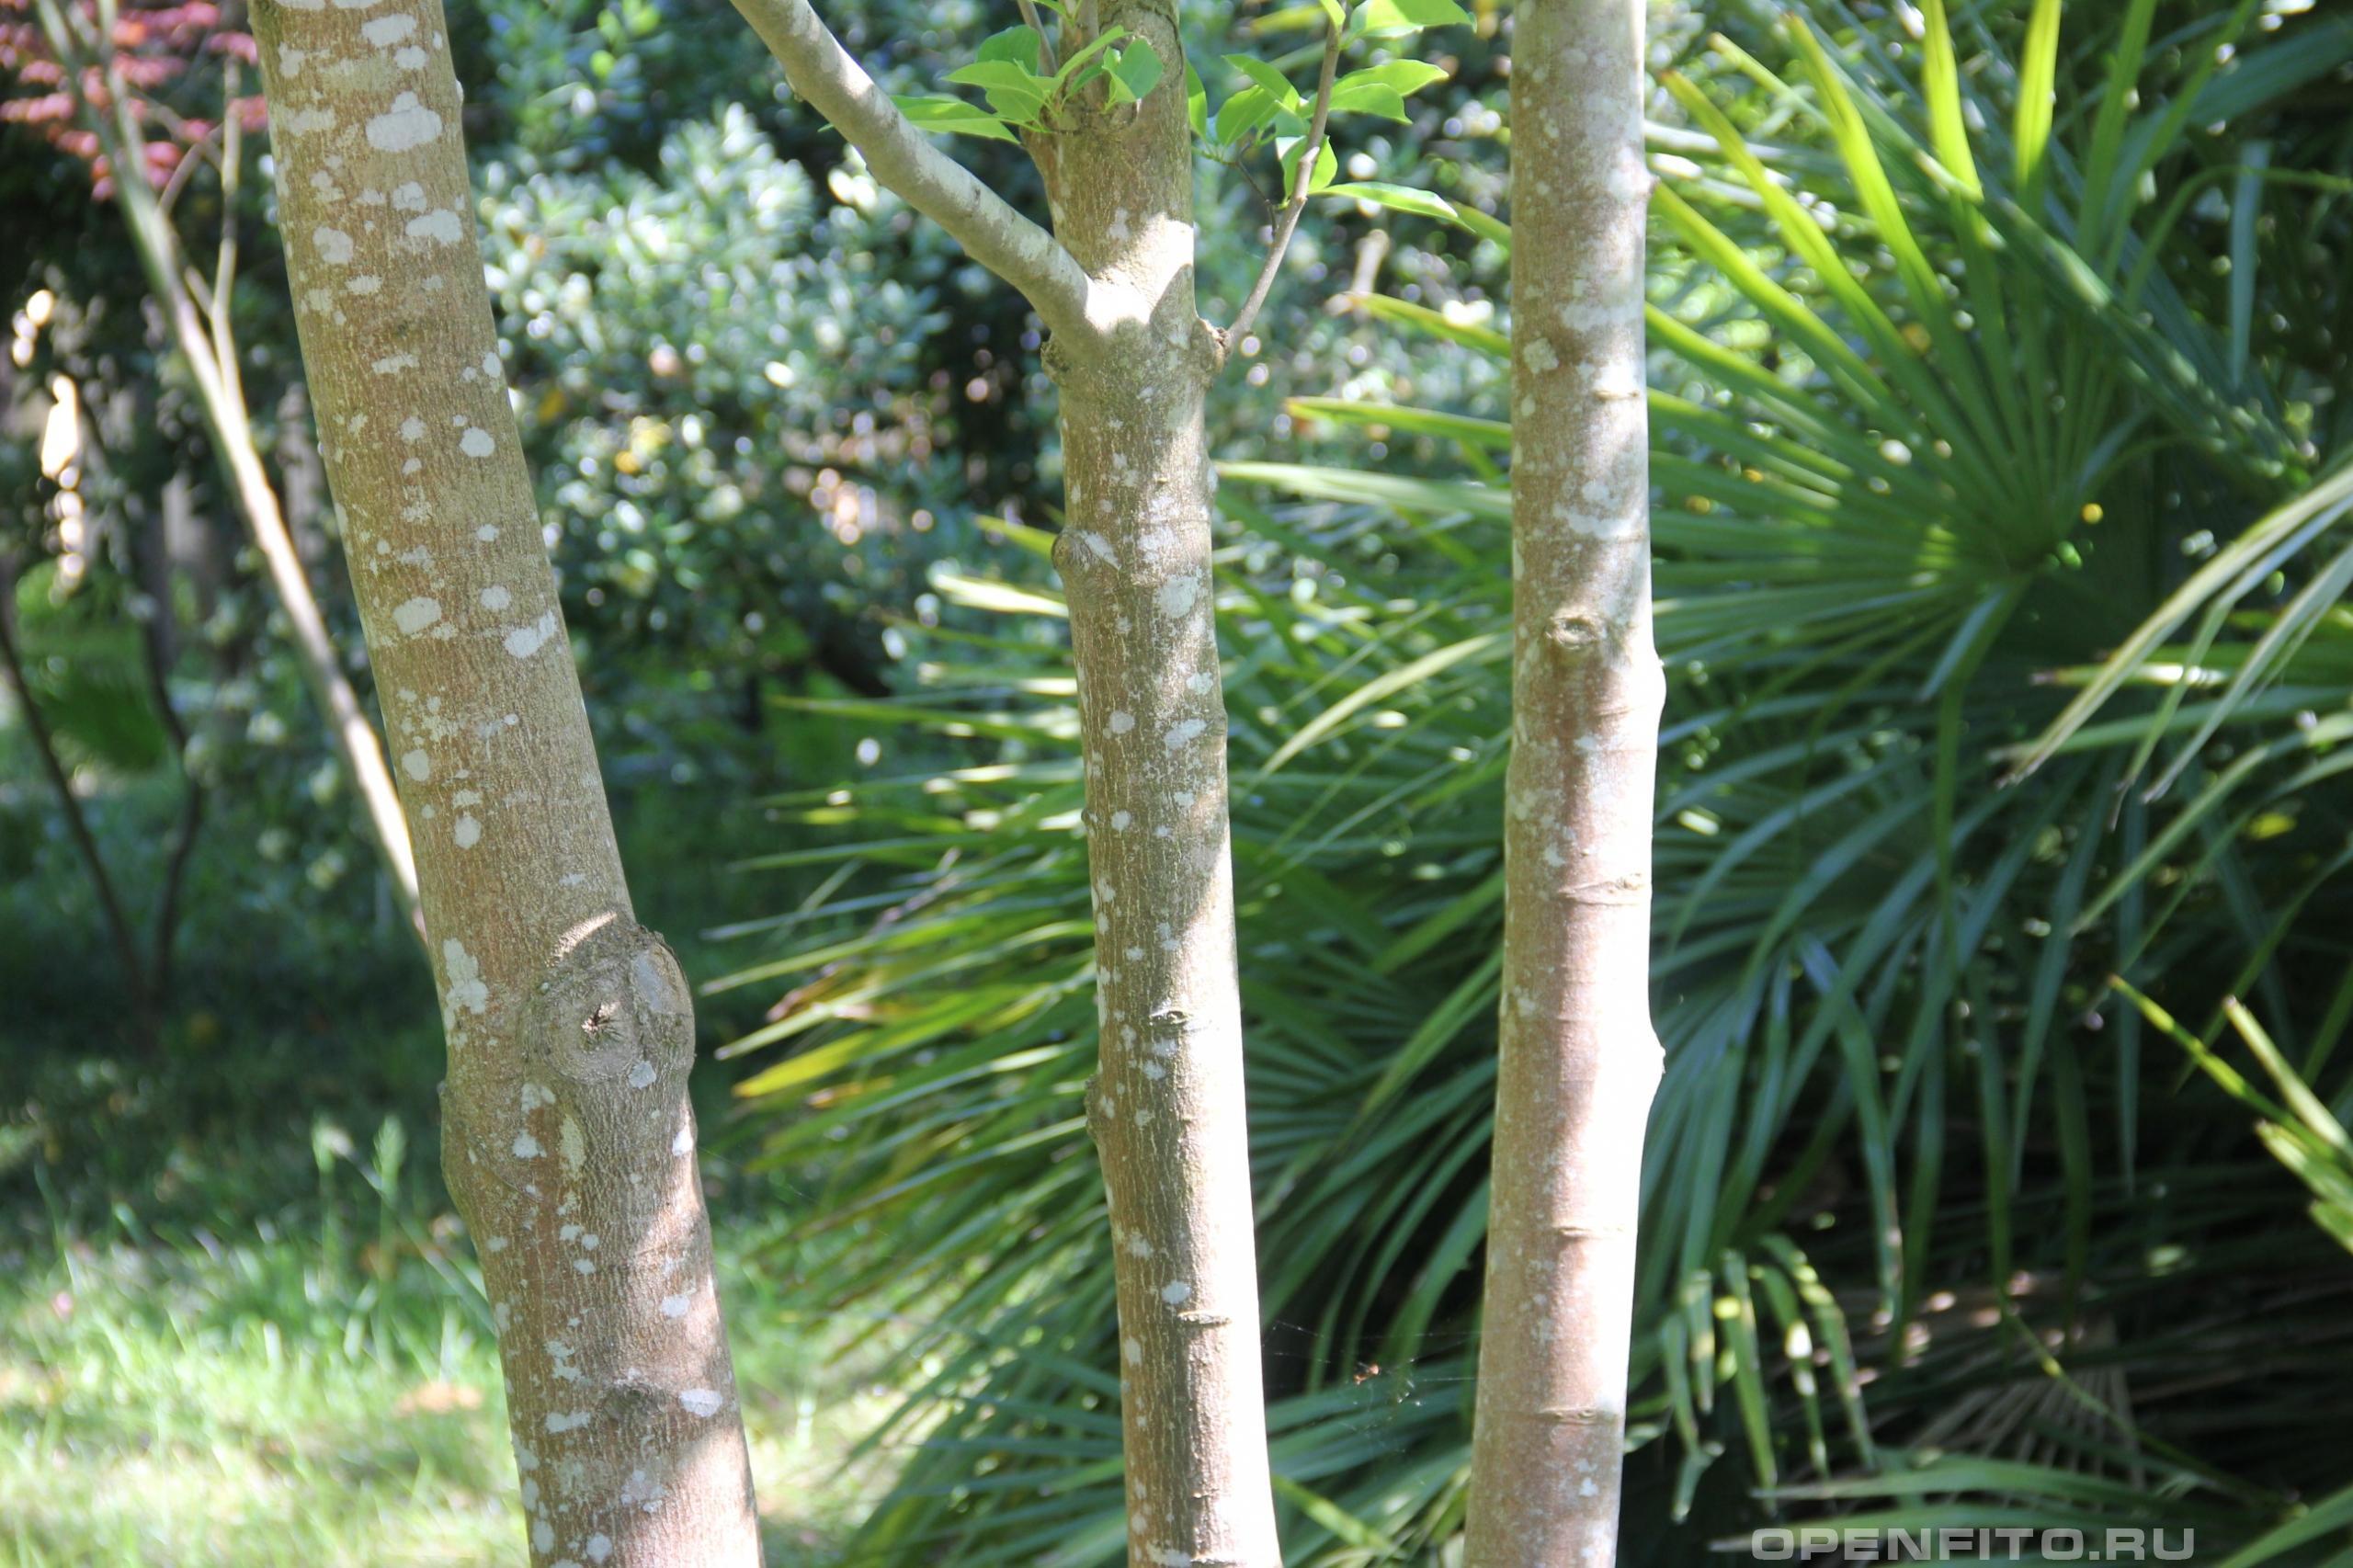 Магнолия кобус кора дерева